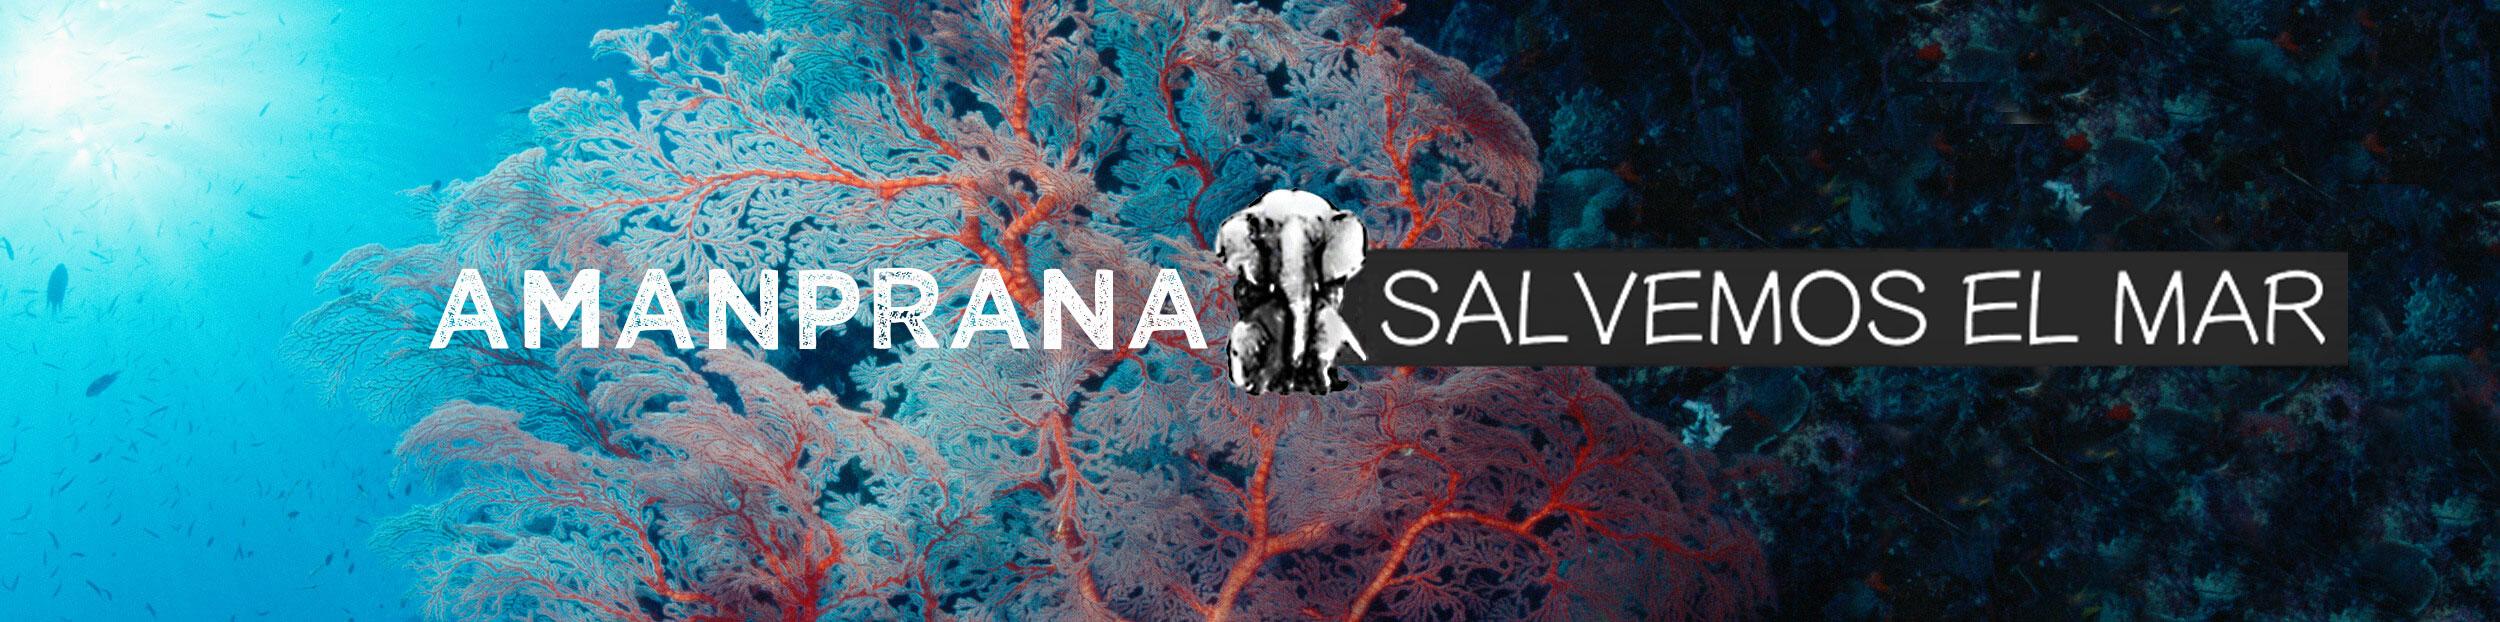 Salva el mar con Amanprana y esfuérzate por mantener limpios los océanos y las costas